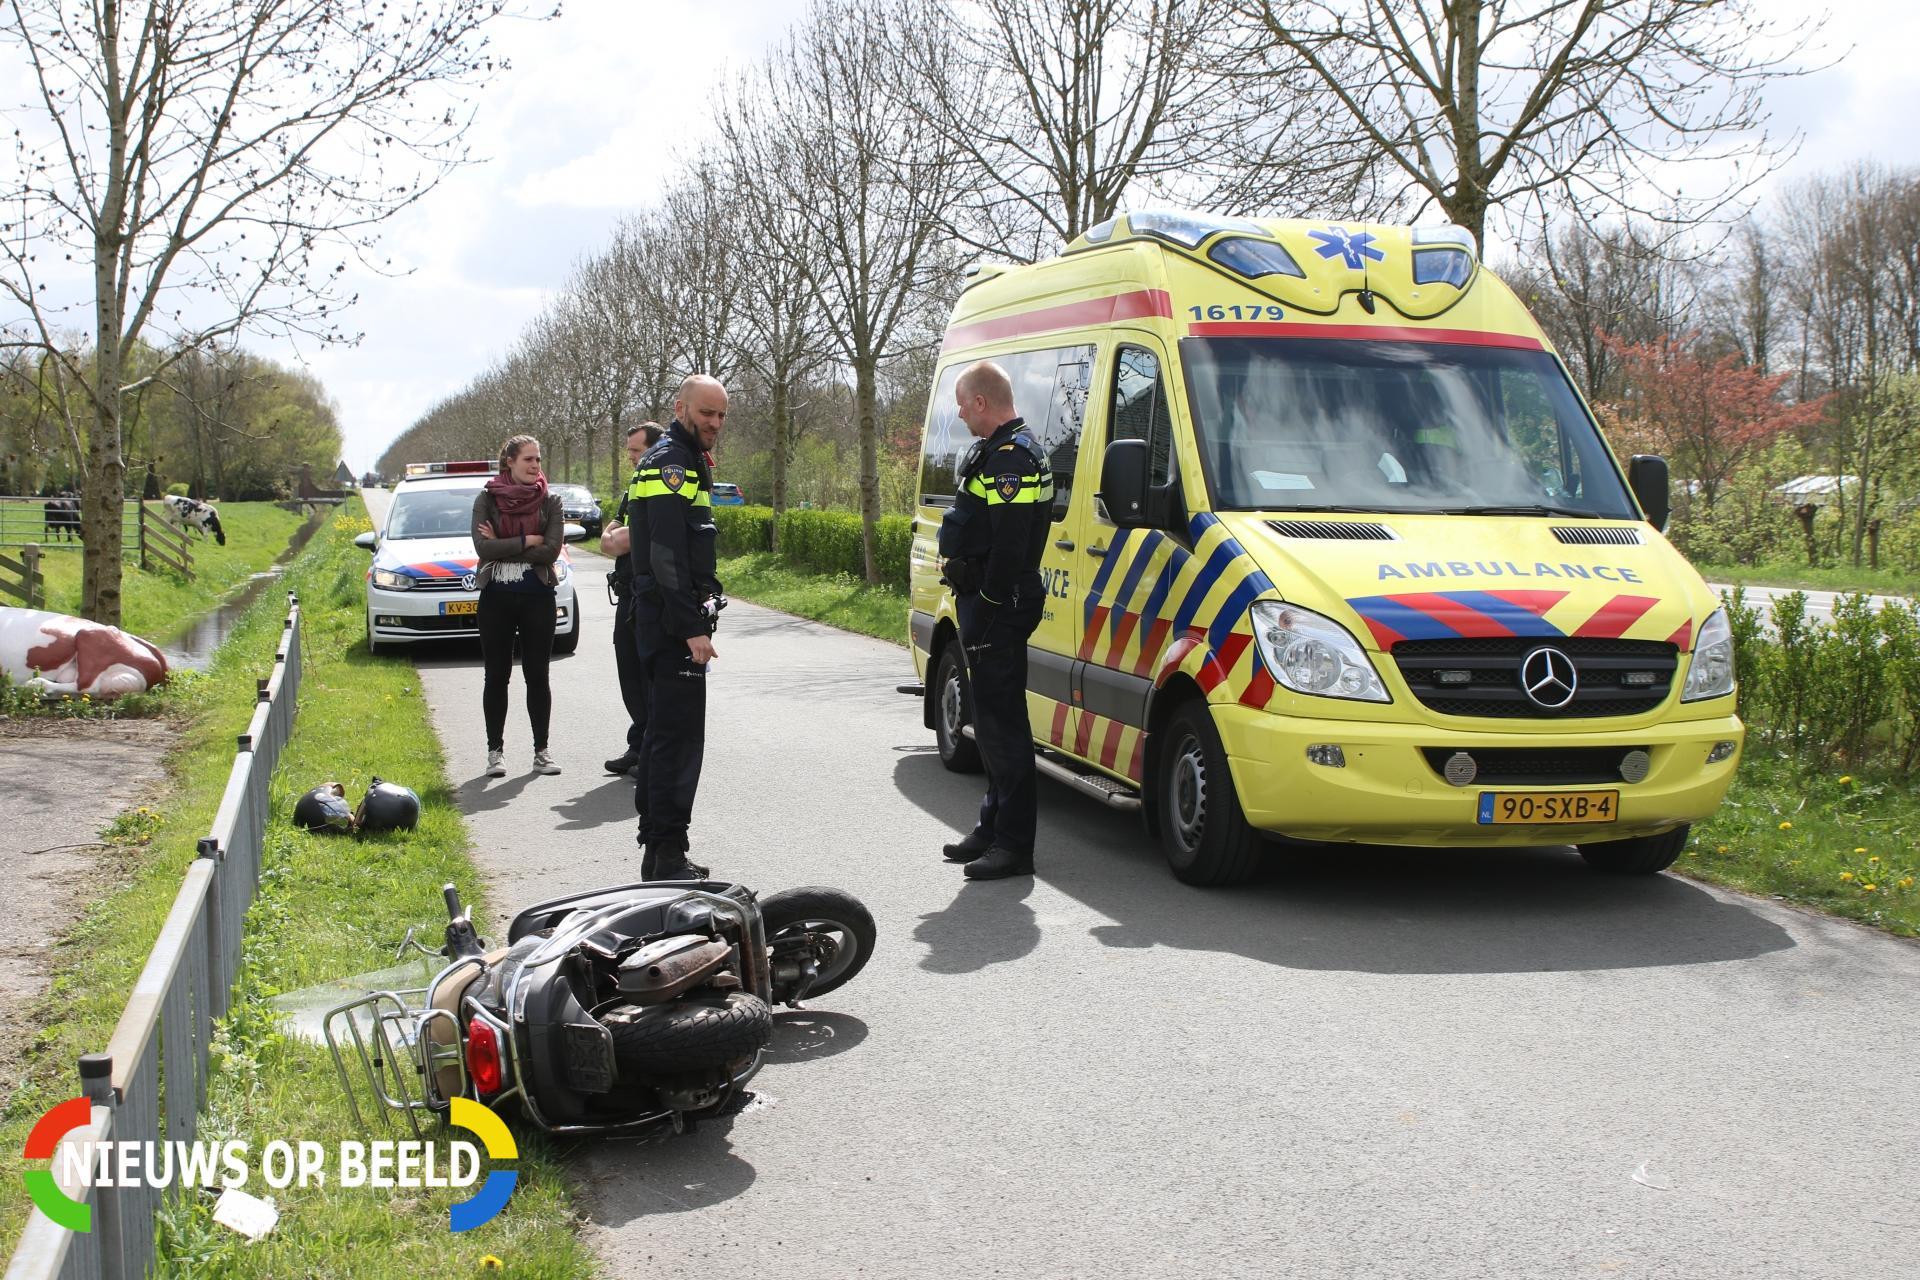 Scooterrijder geschept door personenauto Hofdijklaan Leiderdorp